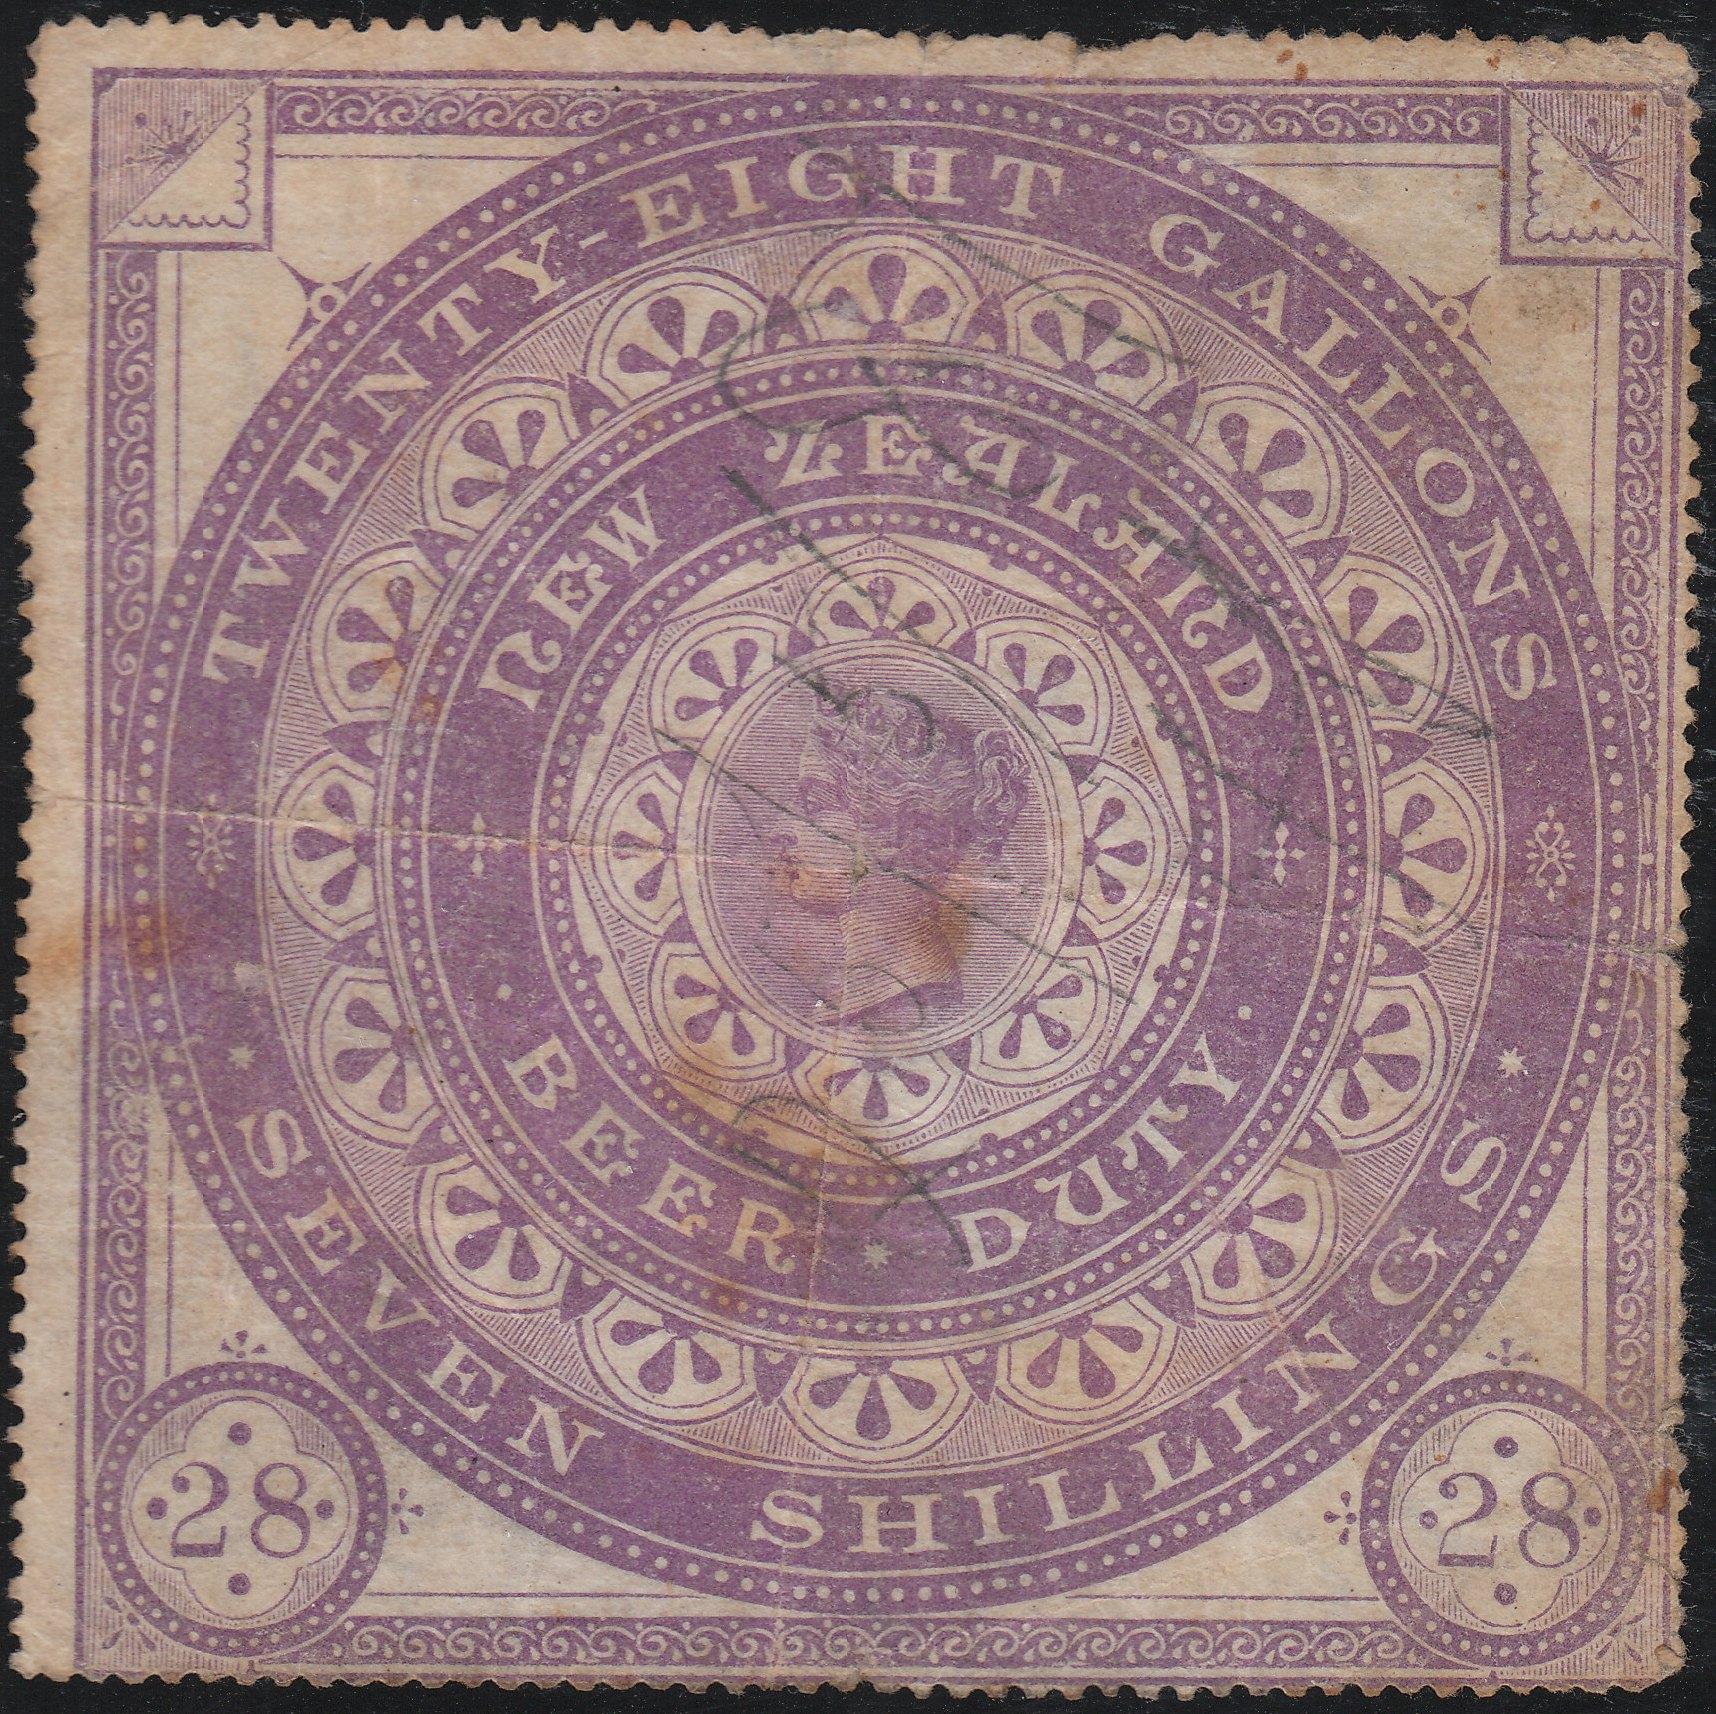 Beer Duty - 1883 7/- Violet